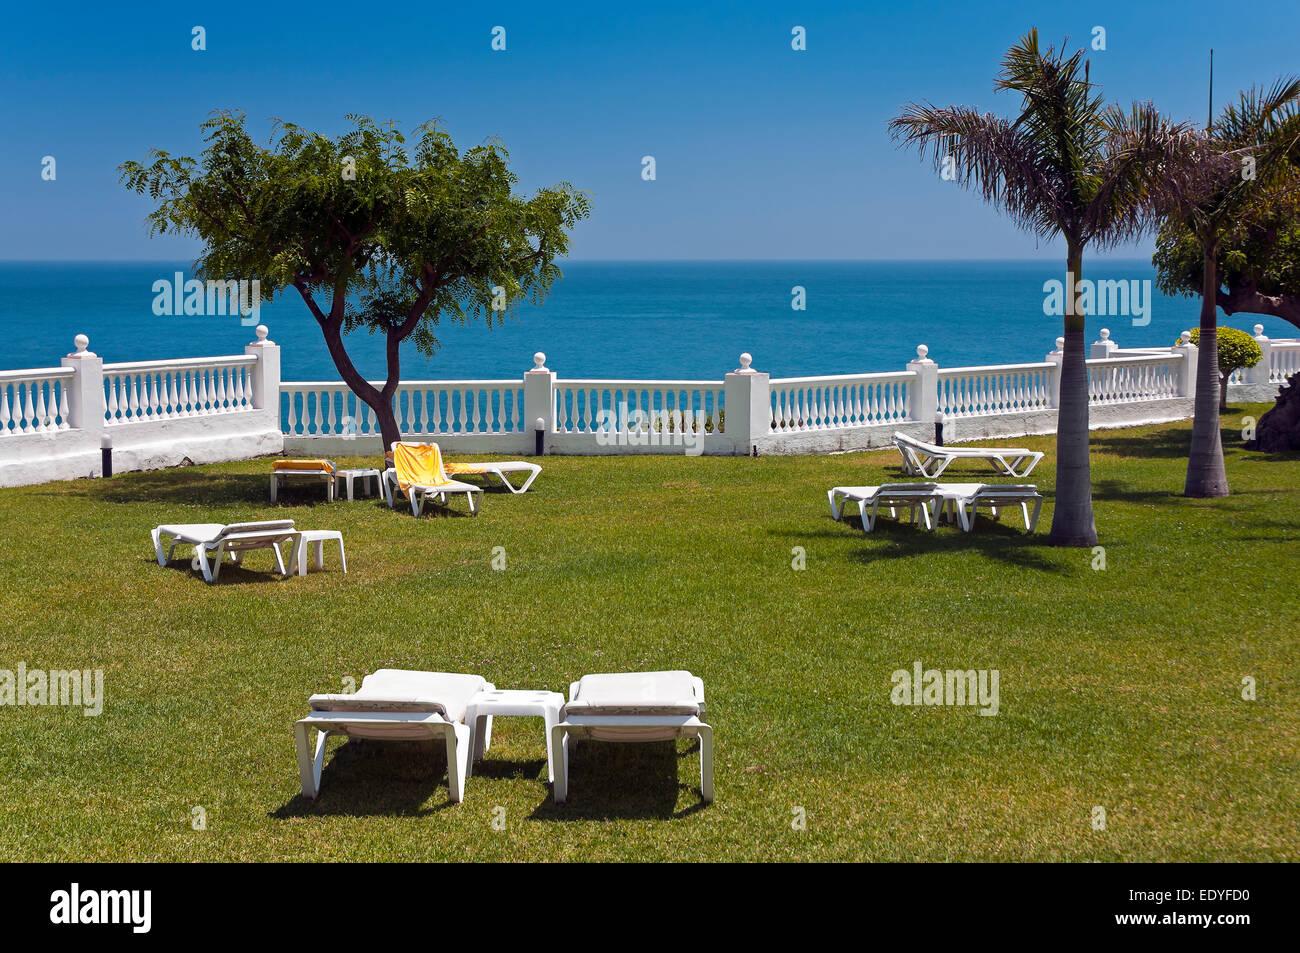 Parador de Turismo, spiaggia Burriana, Nerja, provincia di Malaga, regione dell'Andalusia, Spagna, Europa Immagini Stock